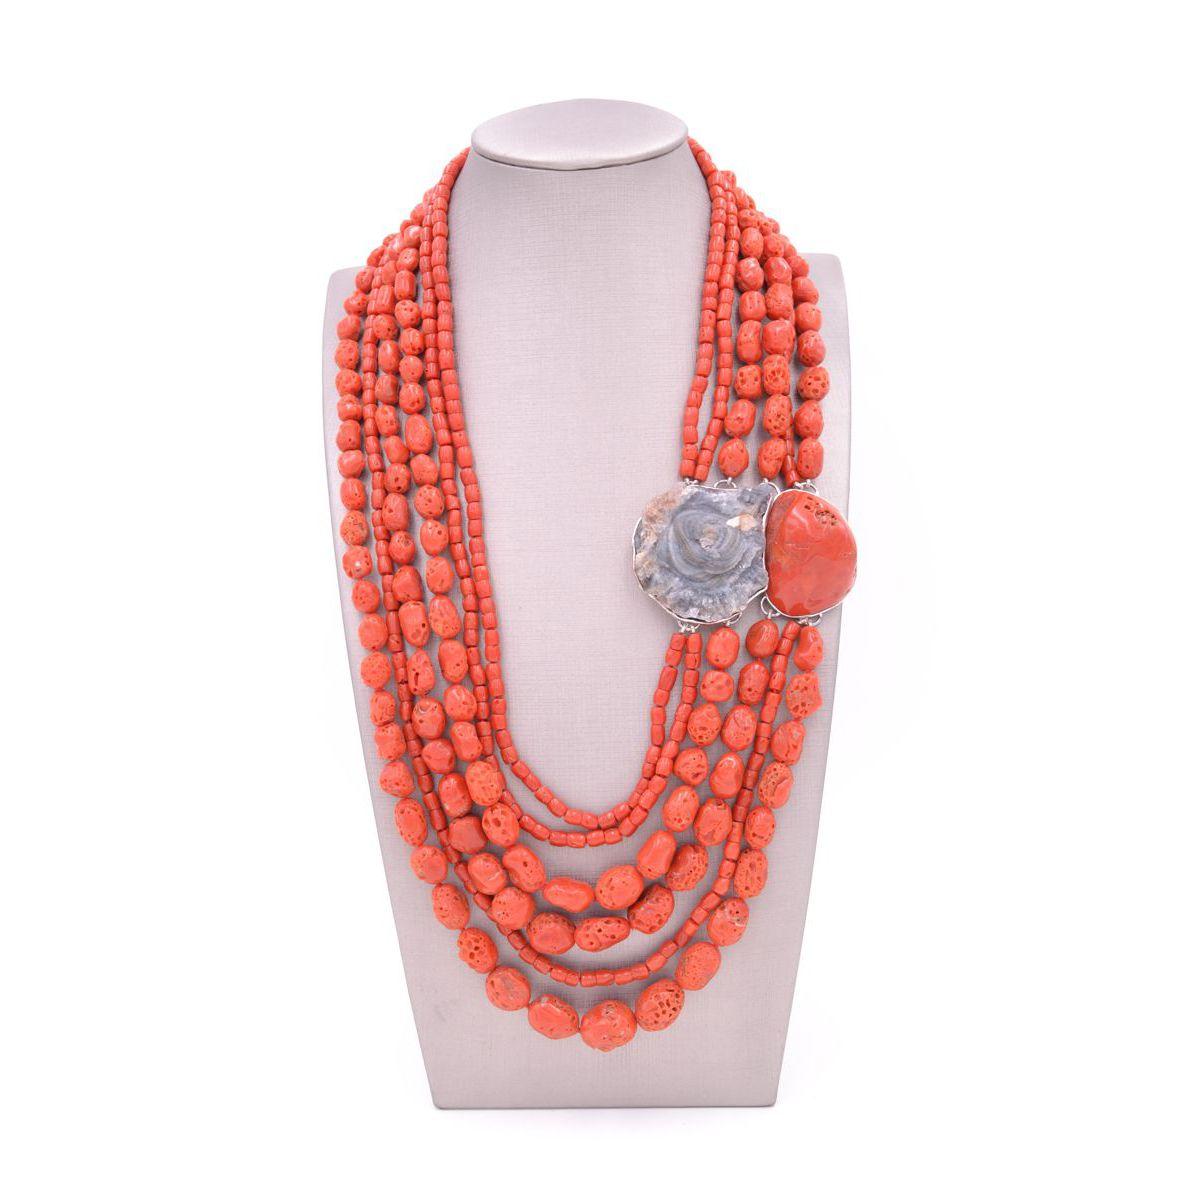 CORAL MULTI-STRAND NECKLACE WITH GEODE Orange Della Rovere